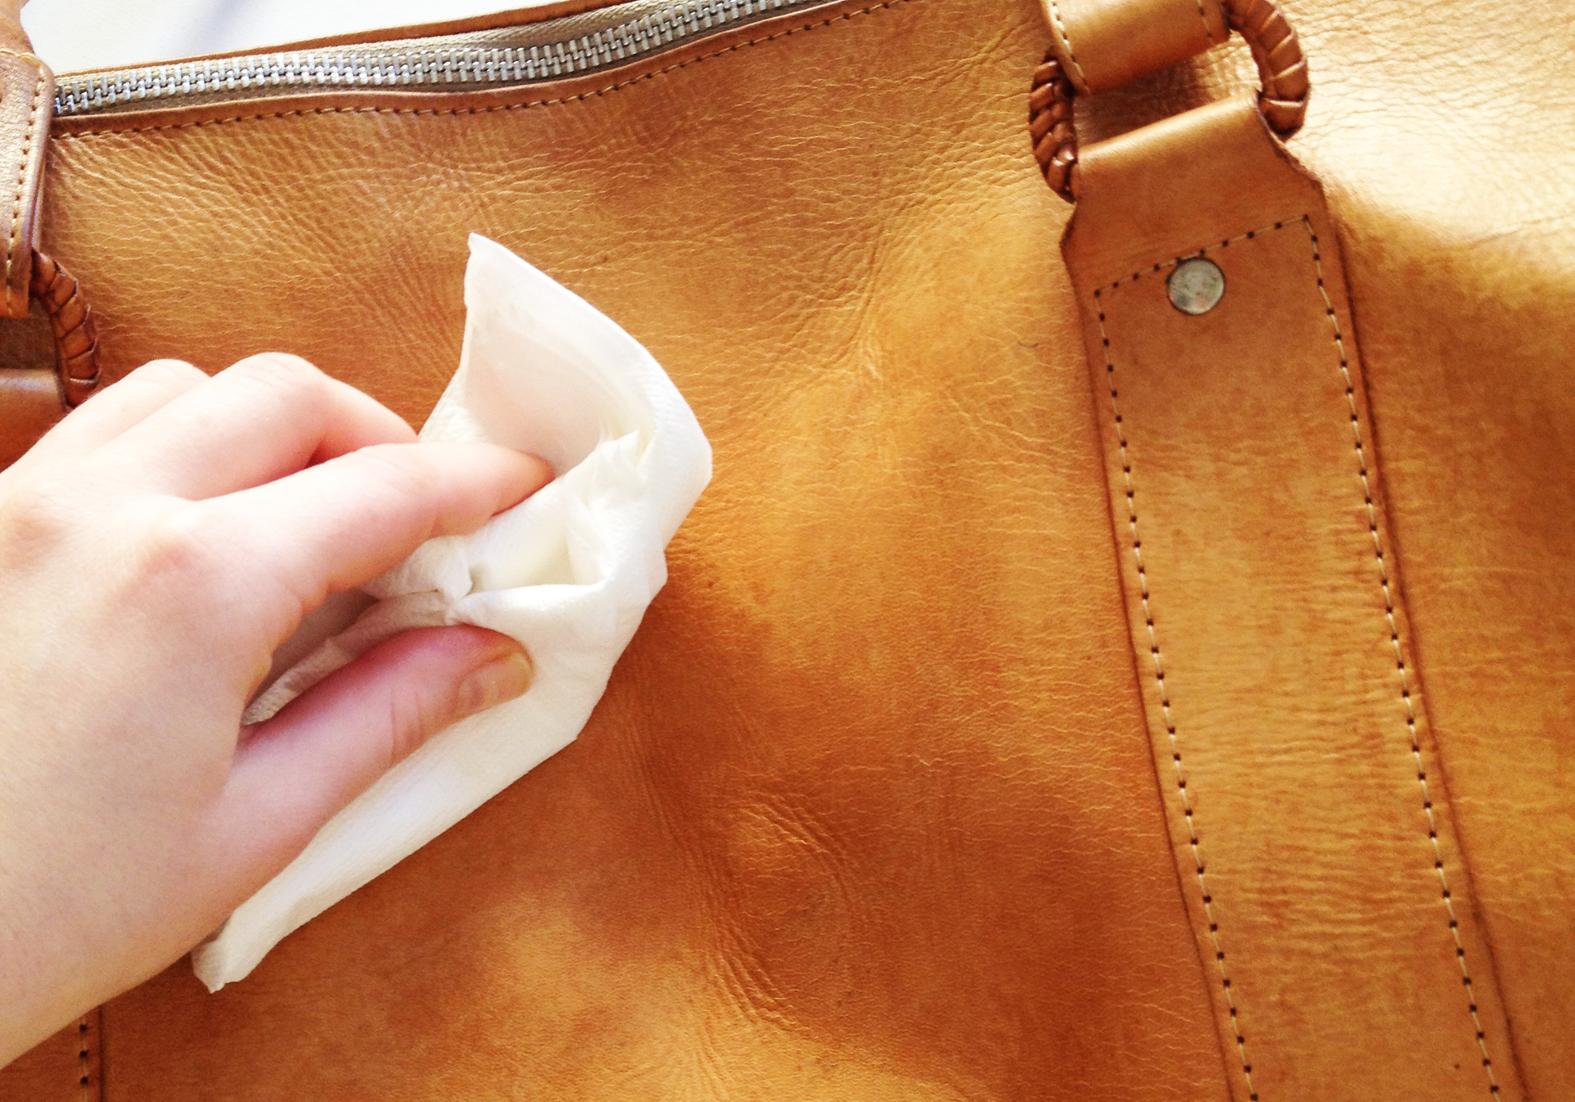 Как удалить пятно с сумки от черной одежды фото